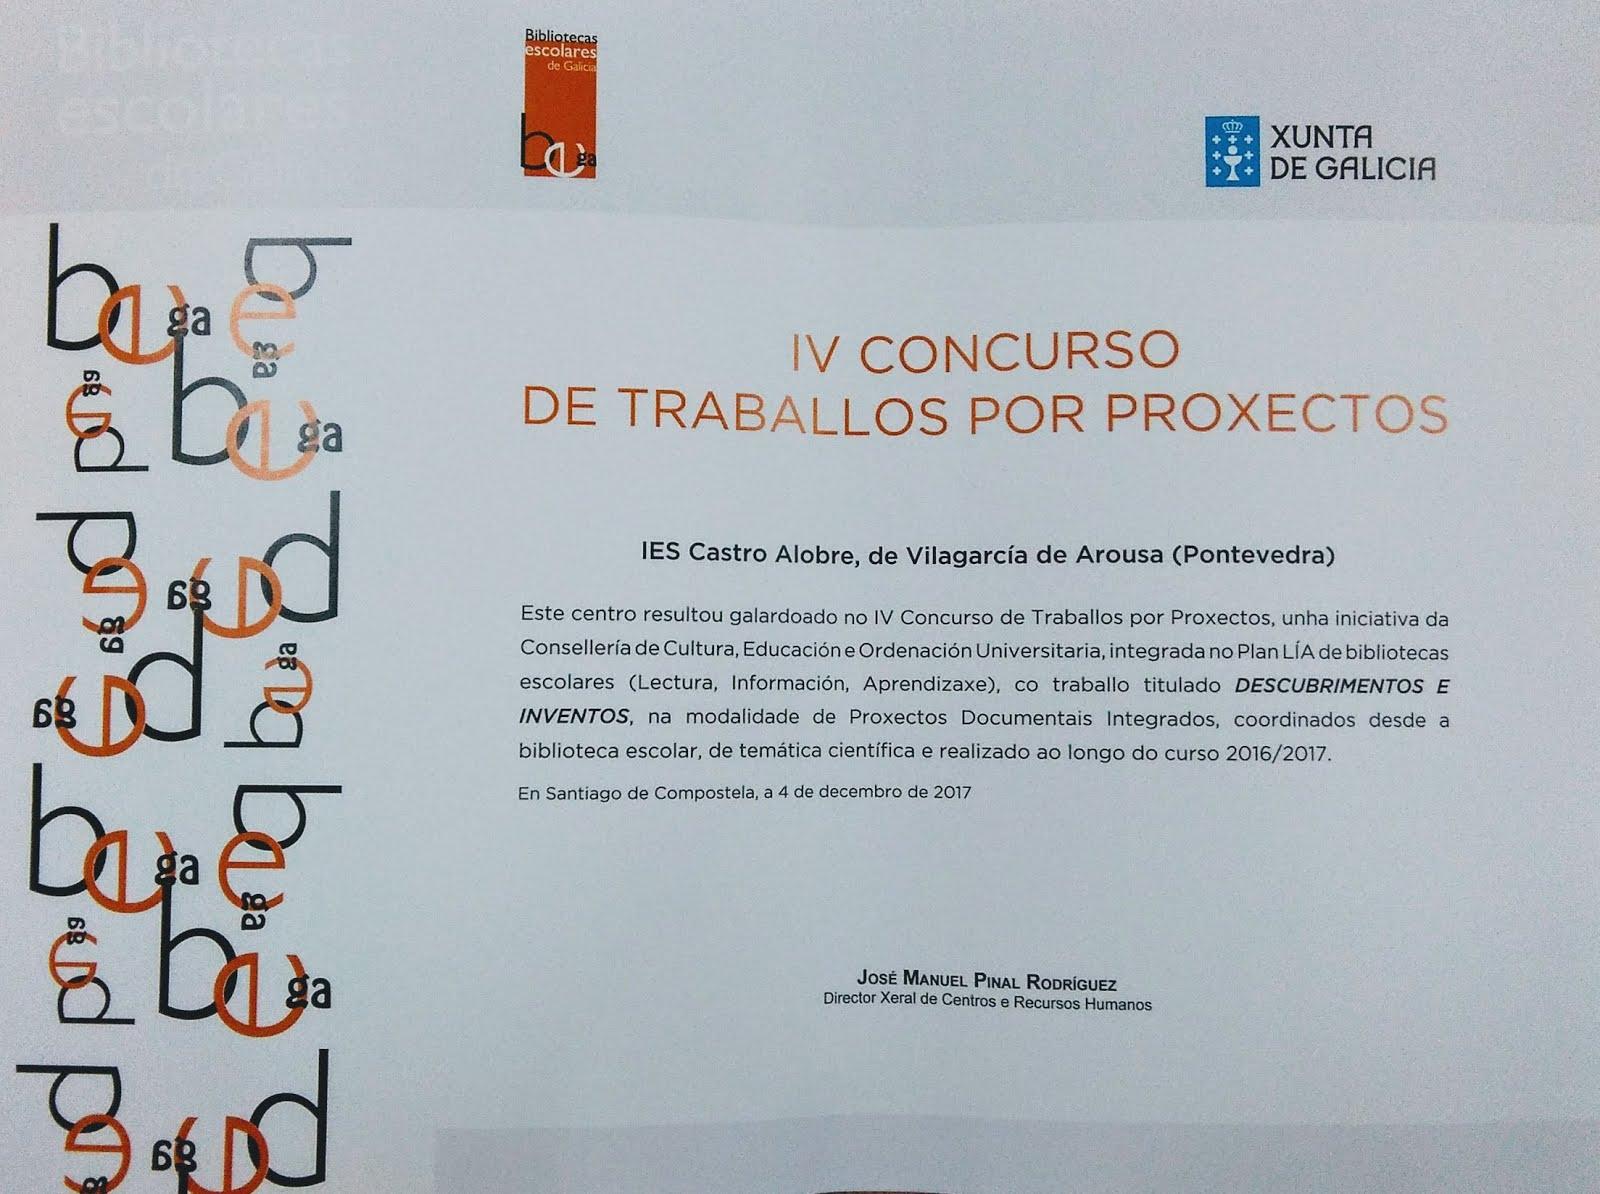 IV Concurso de Traballos por Proxectos